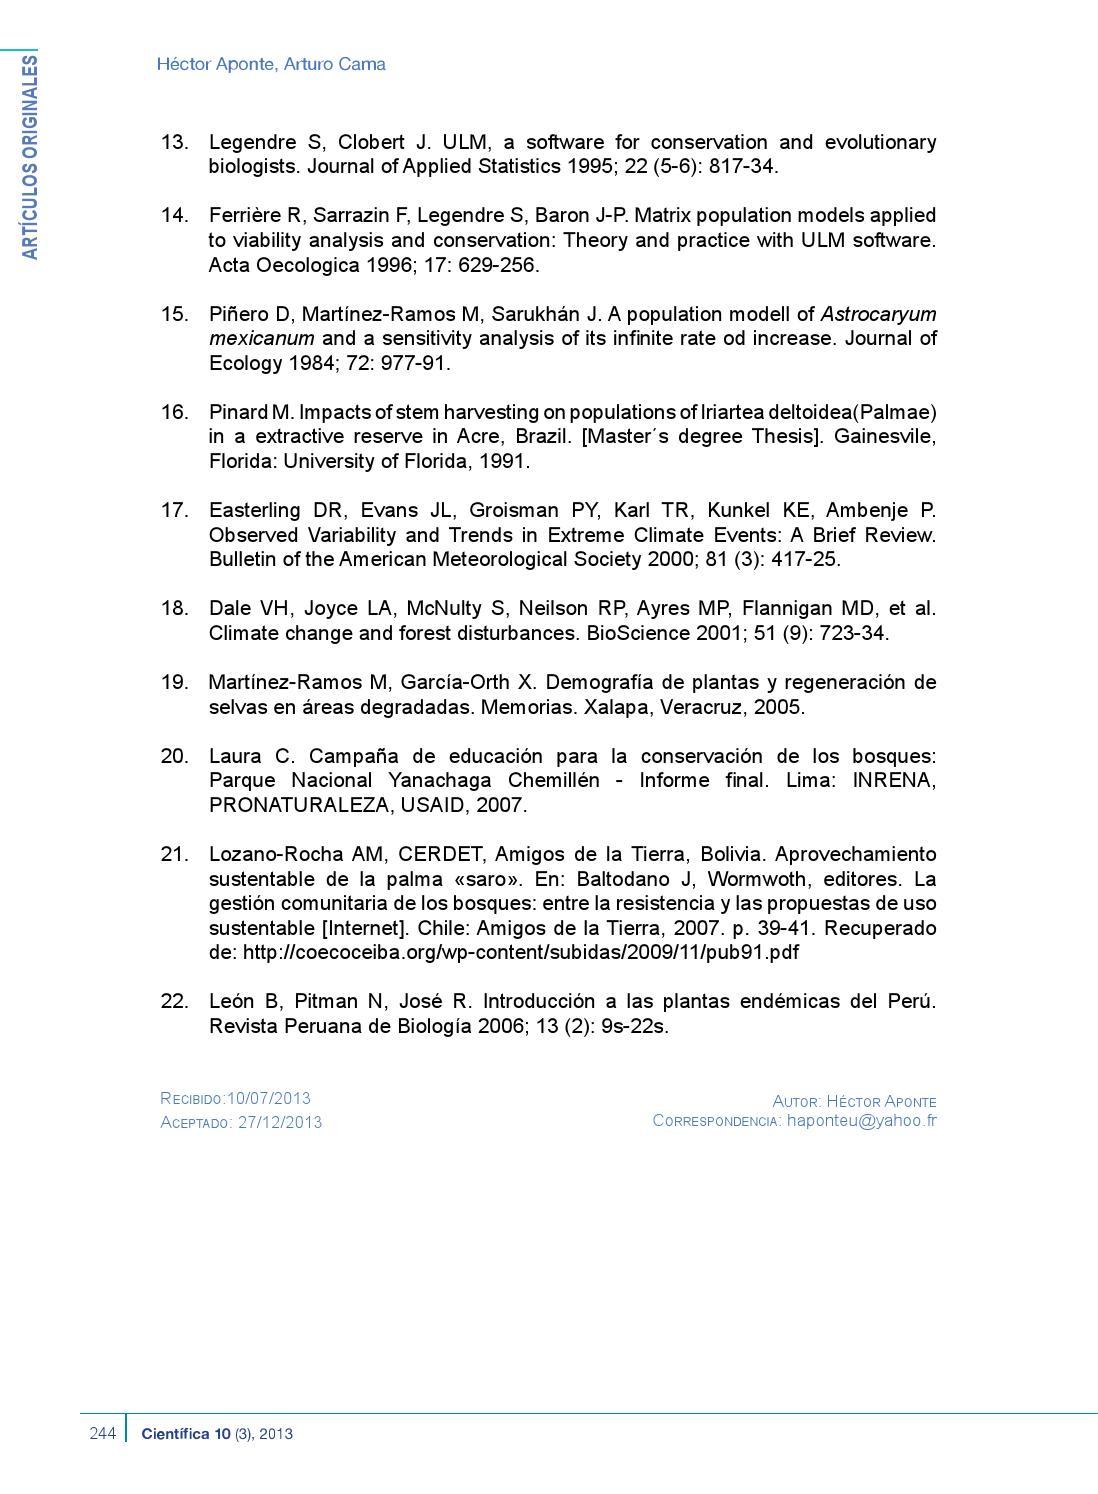 Revista CIENTÍFICA Vol 10 N ° 3 by Universidad Científica del Sur